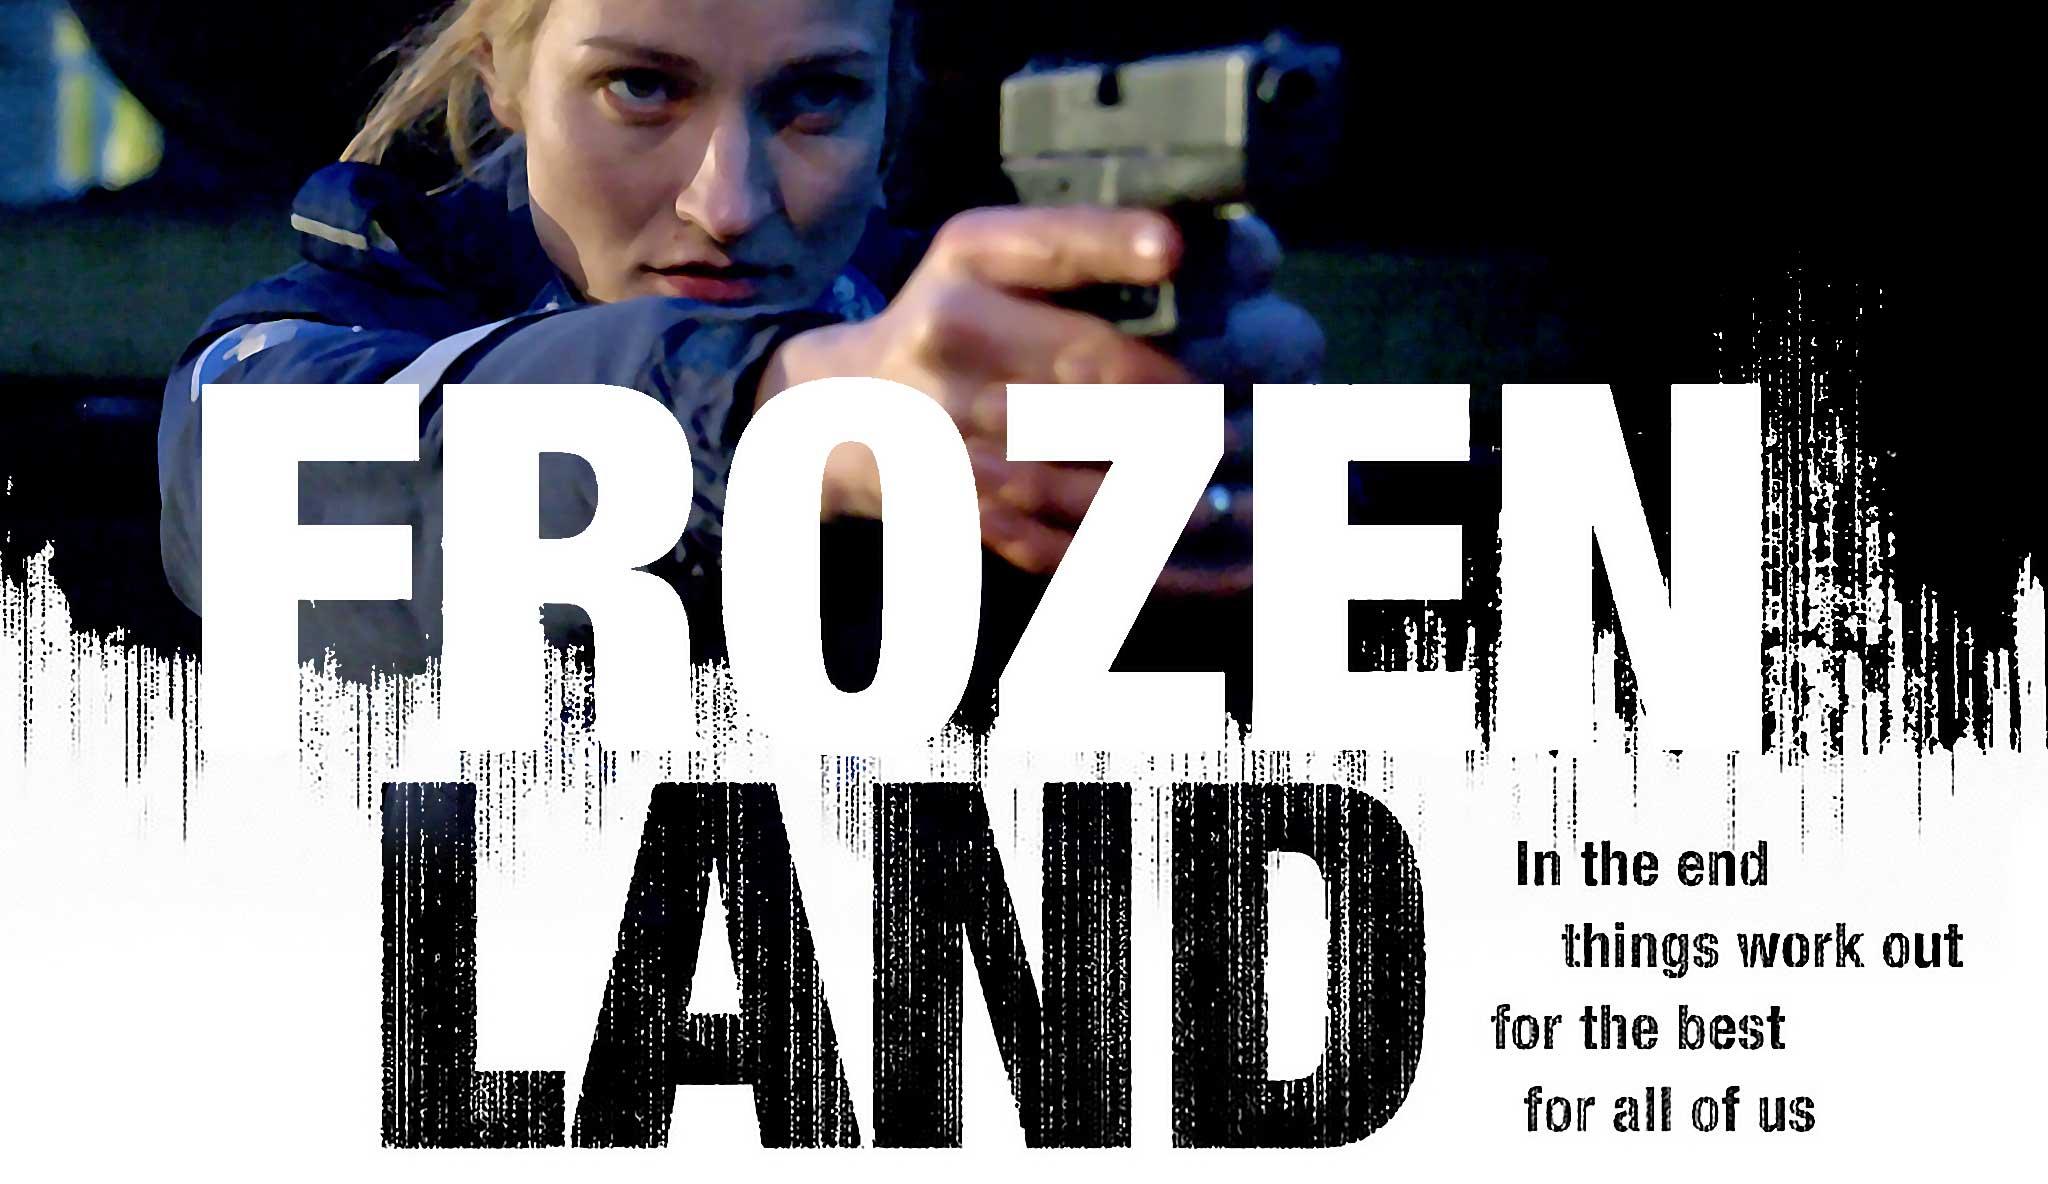 frozen-land-am-ende-wird-alles-gut-oder-auch-nicht\header.jpg